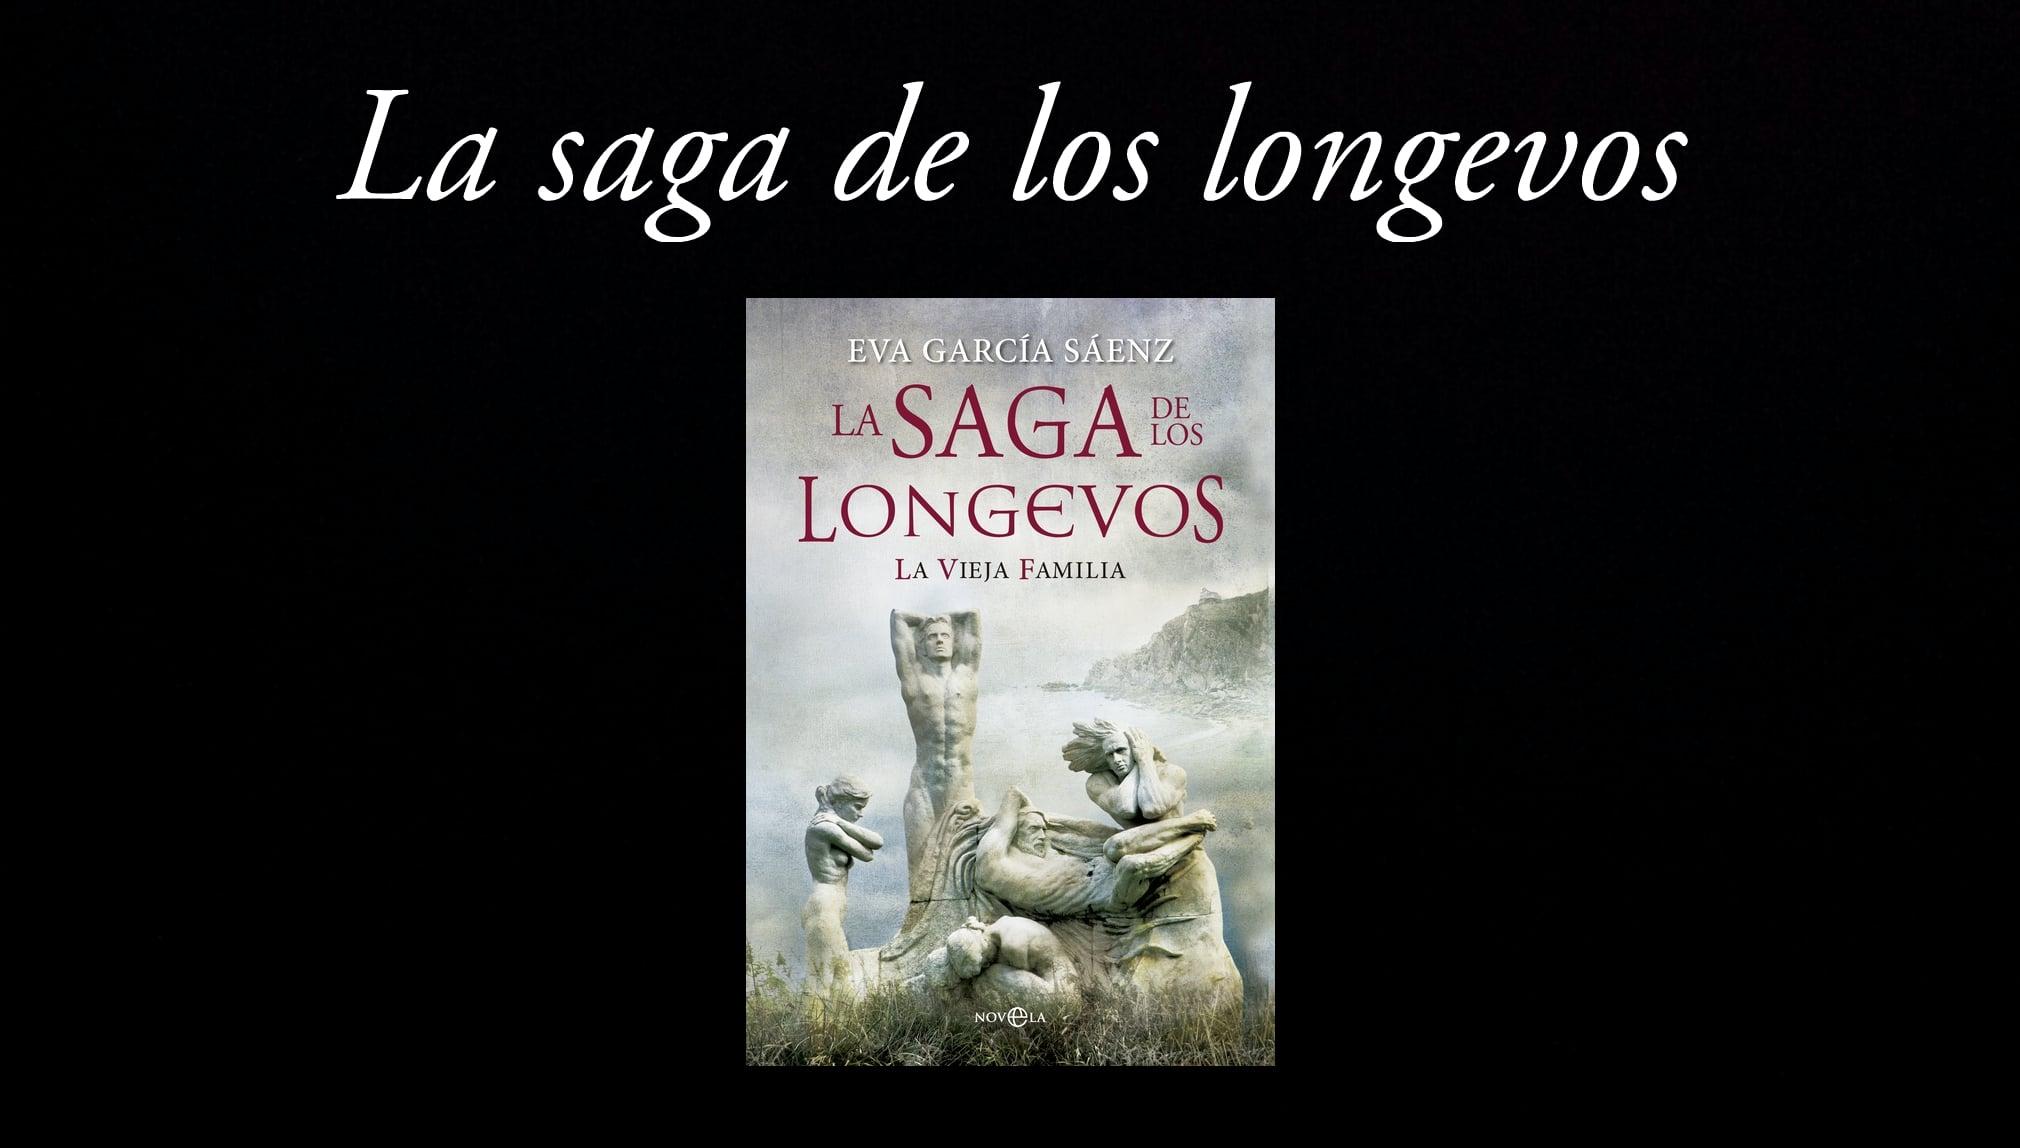 La saga de los longevos.